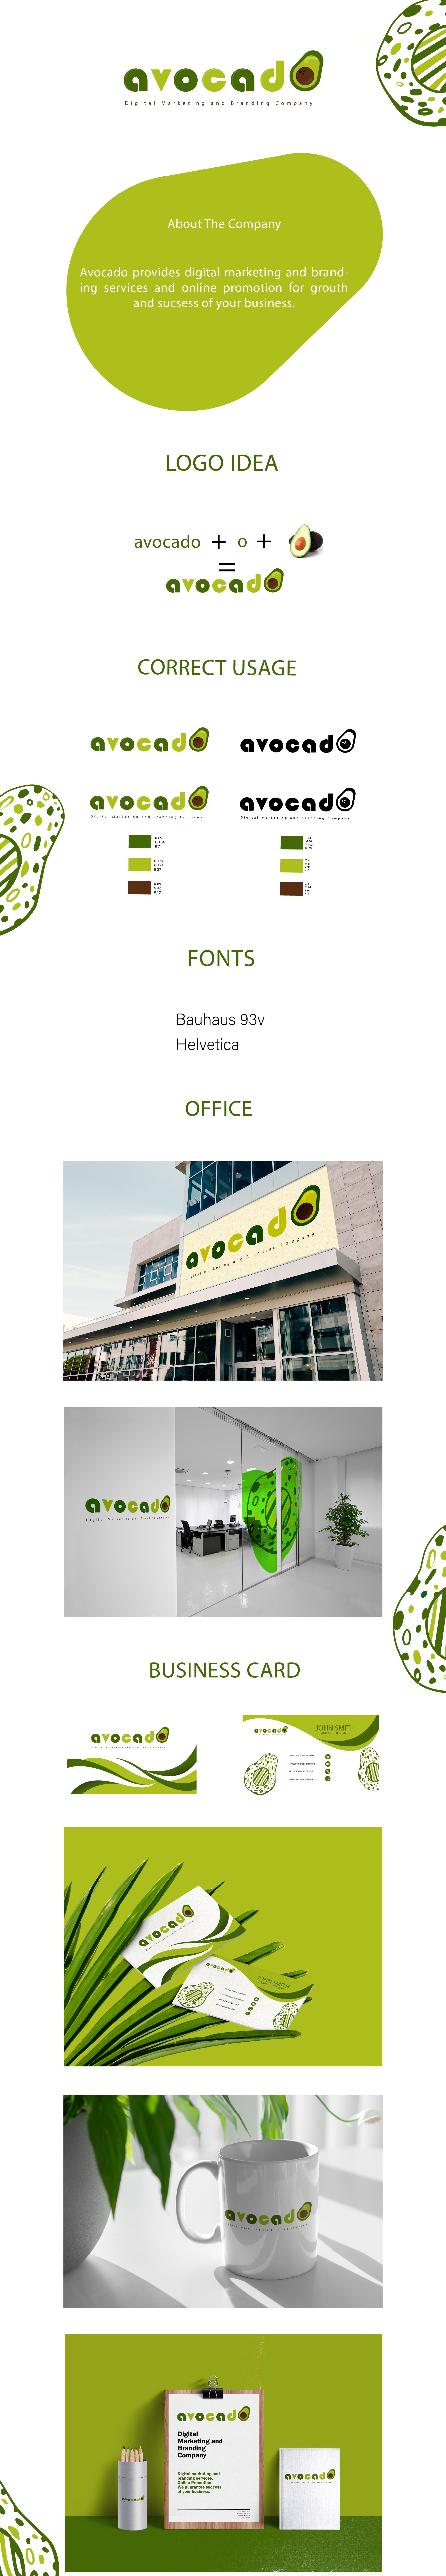 Avocado agency brandbook